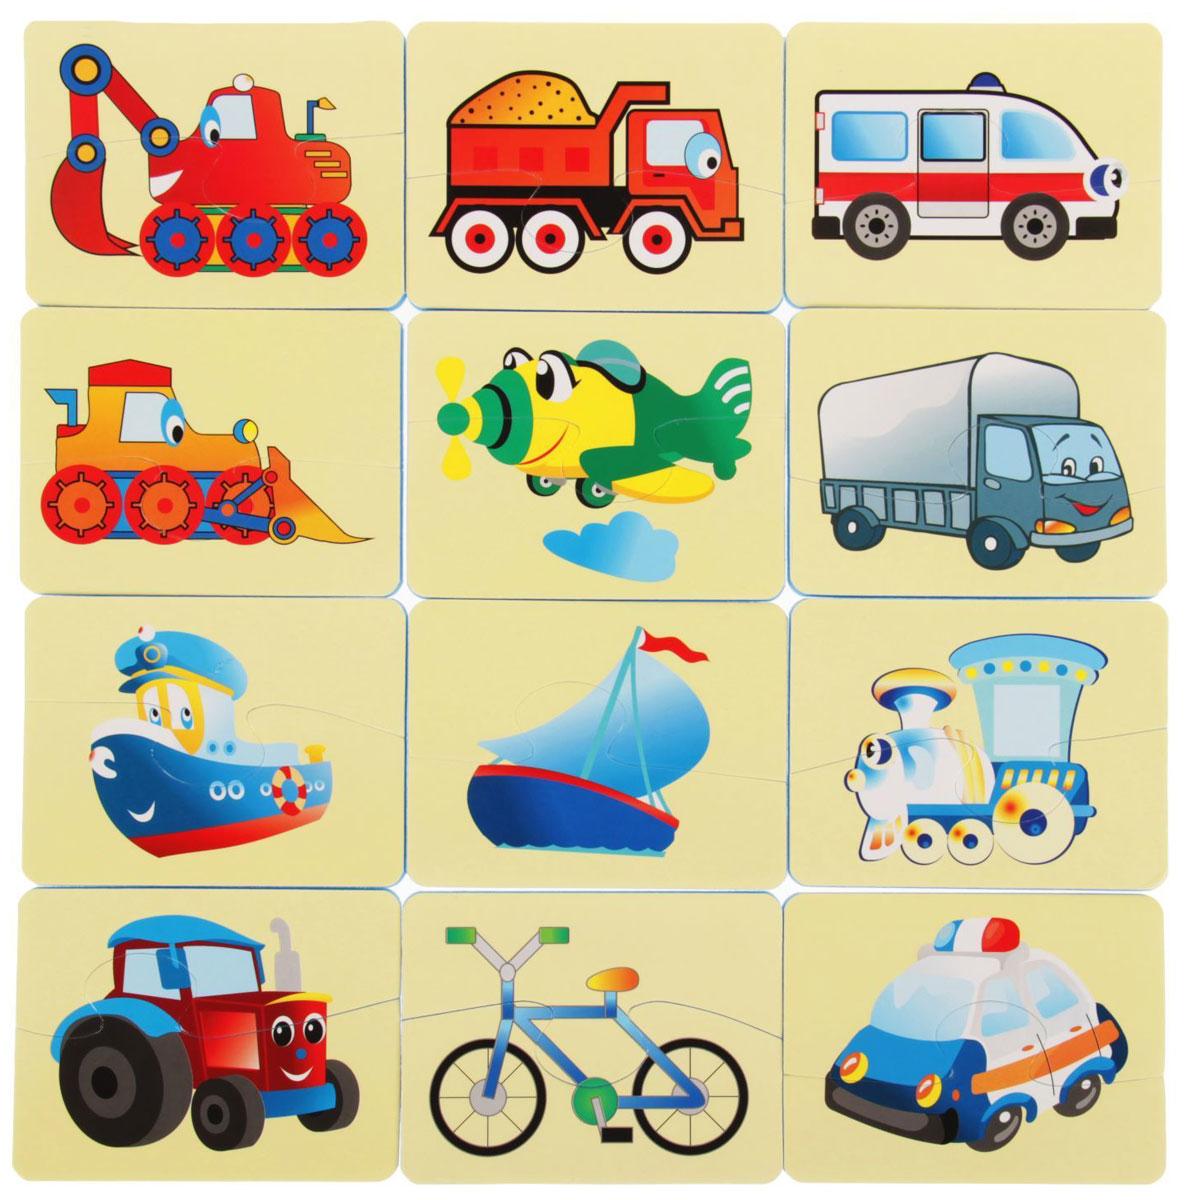 Картинки для детей 2 года развивающие, днюхой